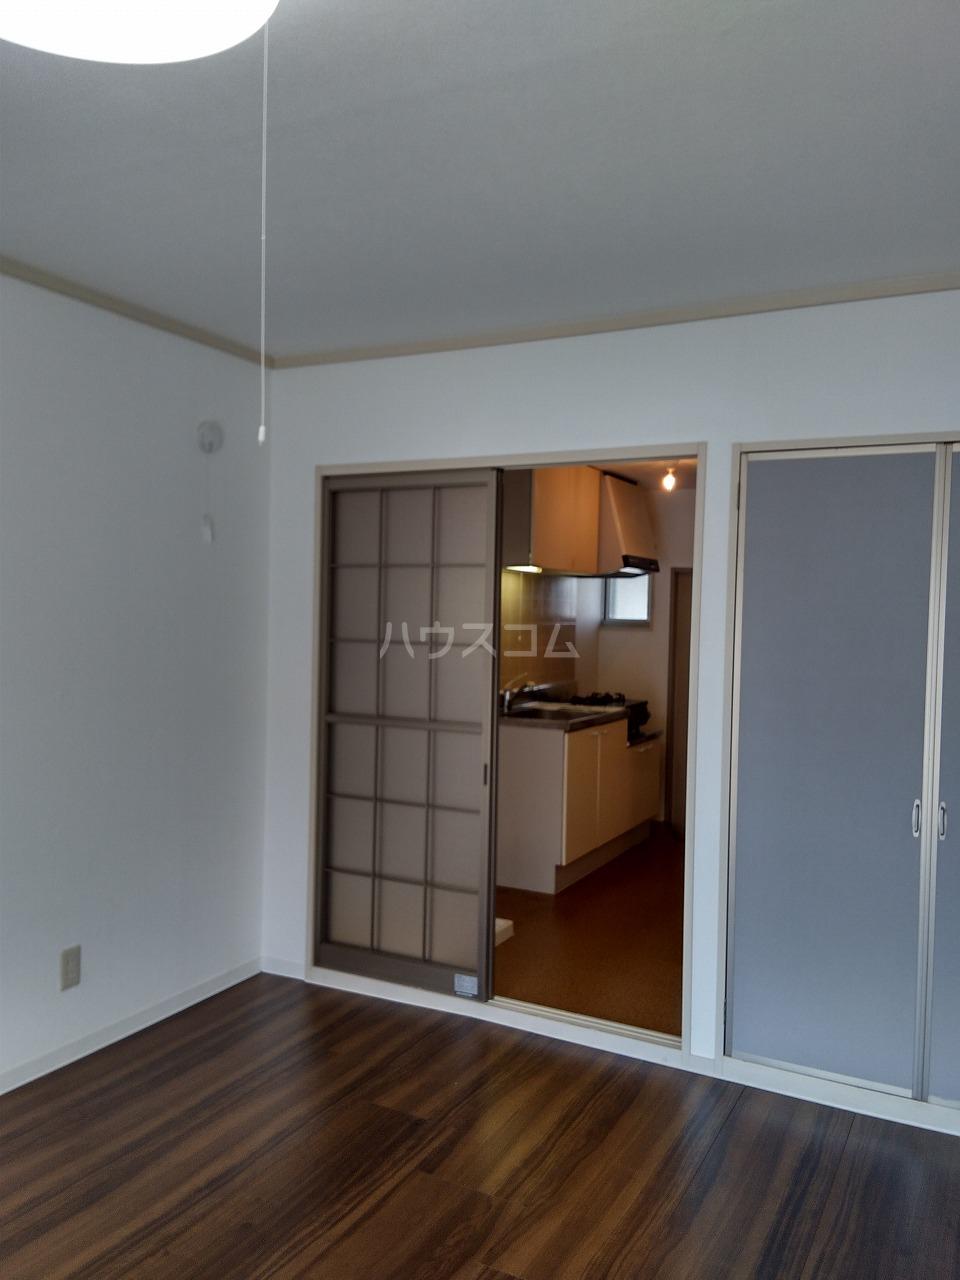 サンコーポ山田 B棟 105号室のリビング